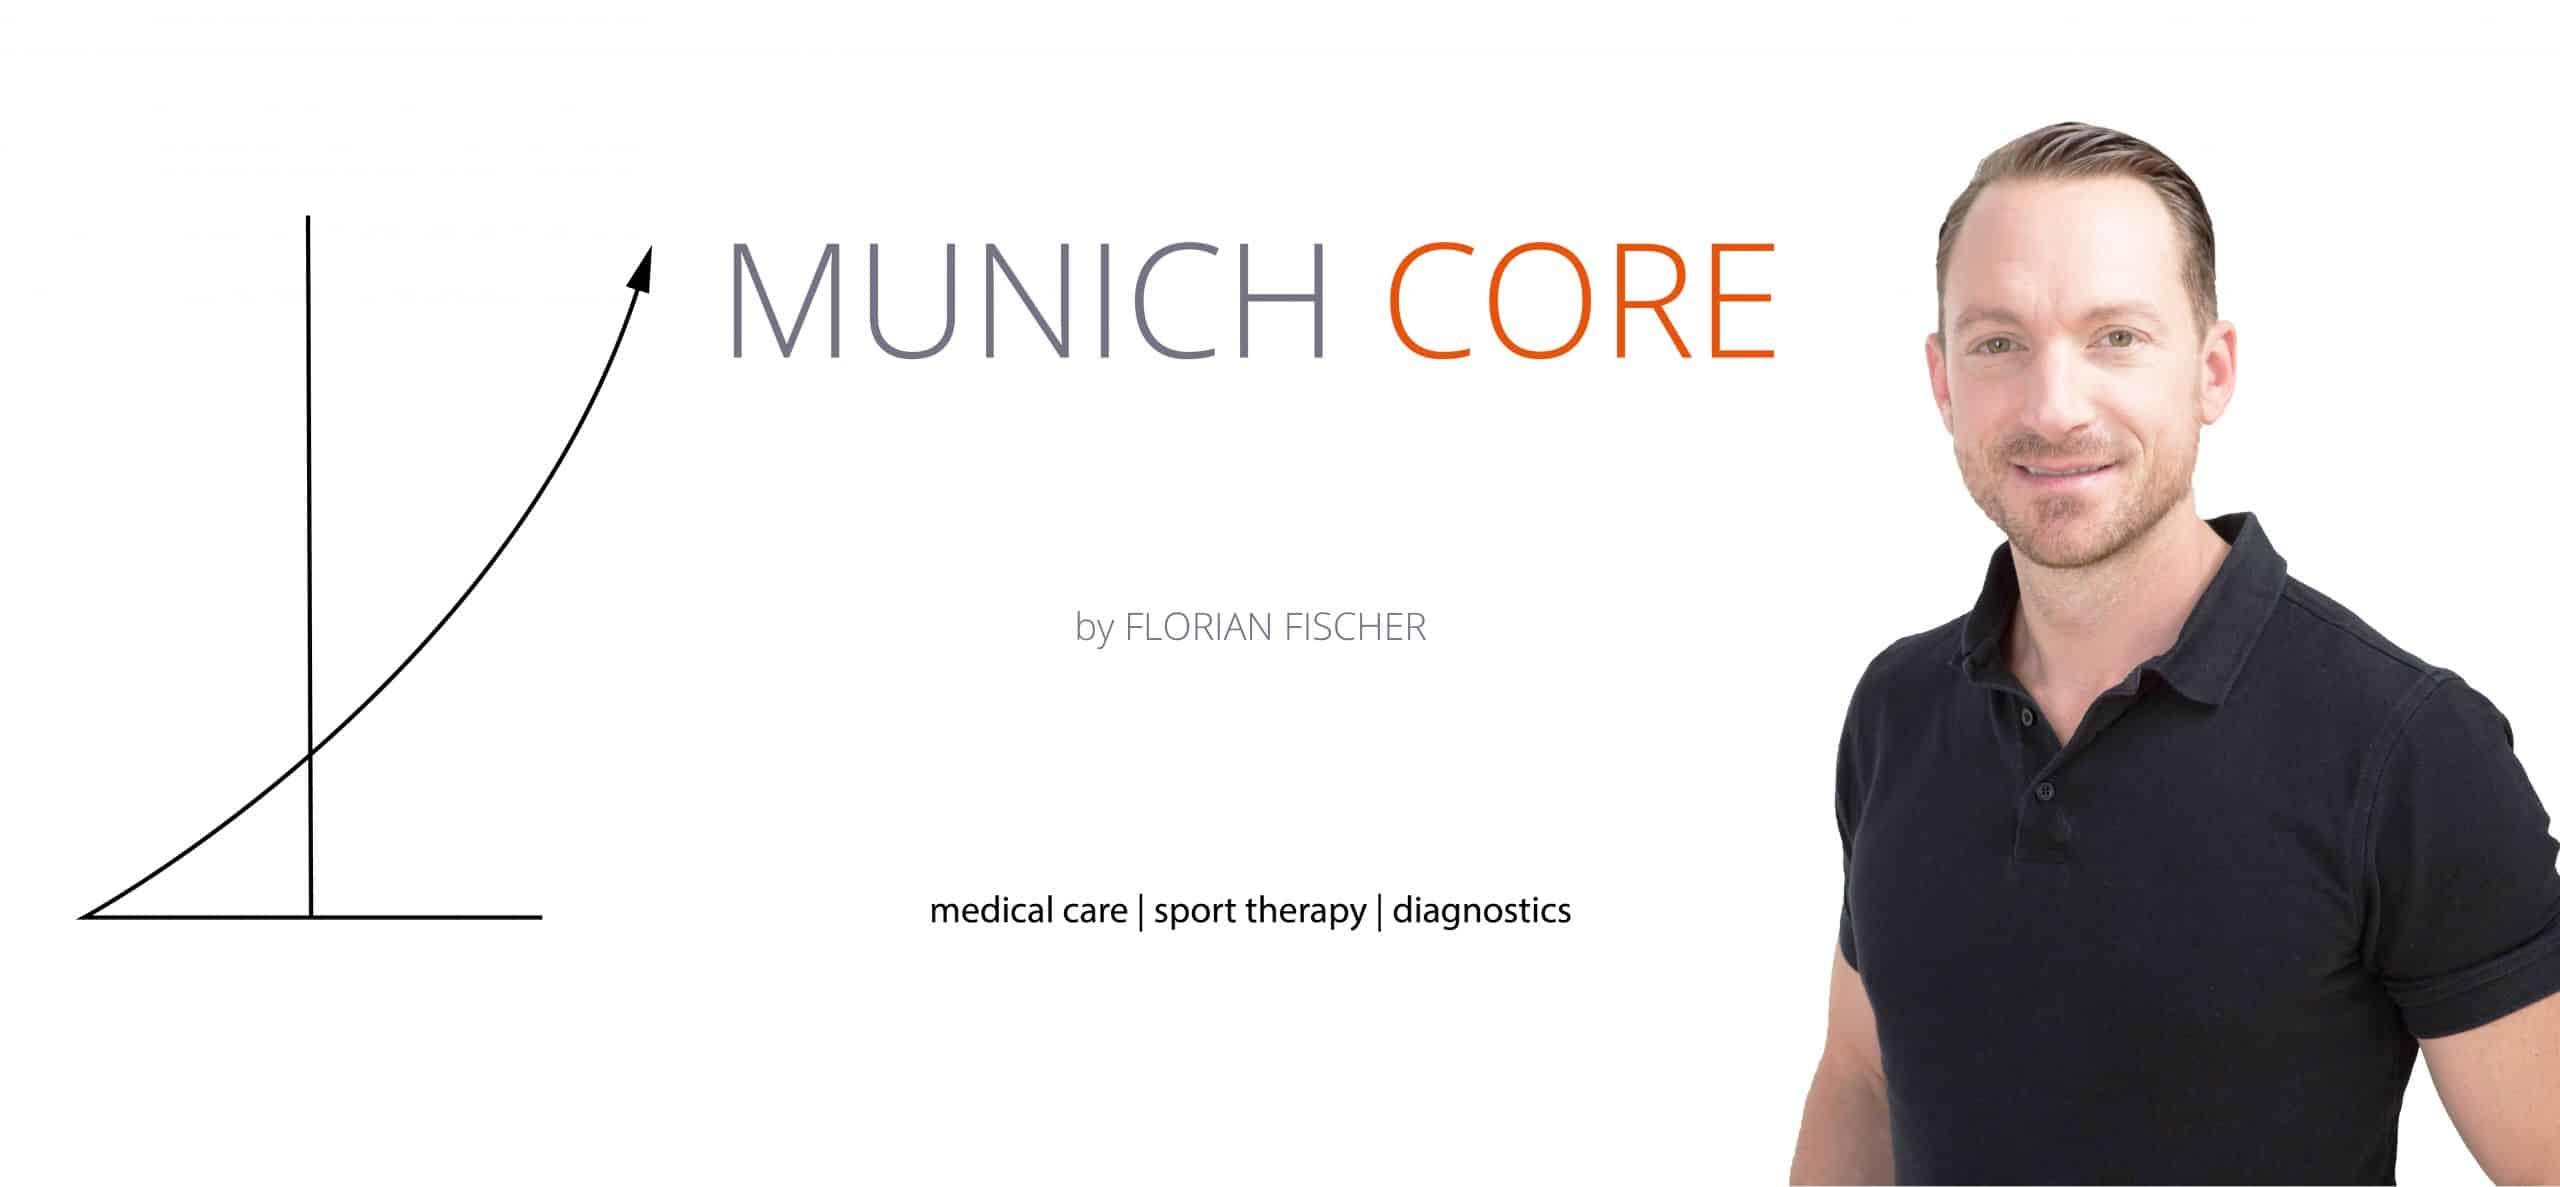 Startseite MUNICH CORE - Praxis für Leistungsdiagnostik - Sporttherapie - Naturheilkunde